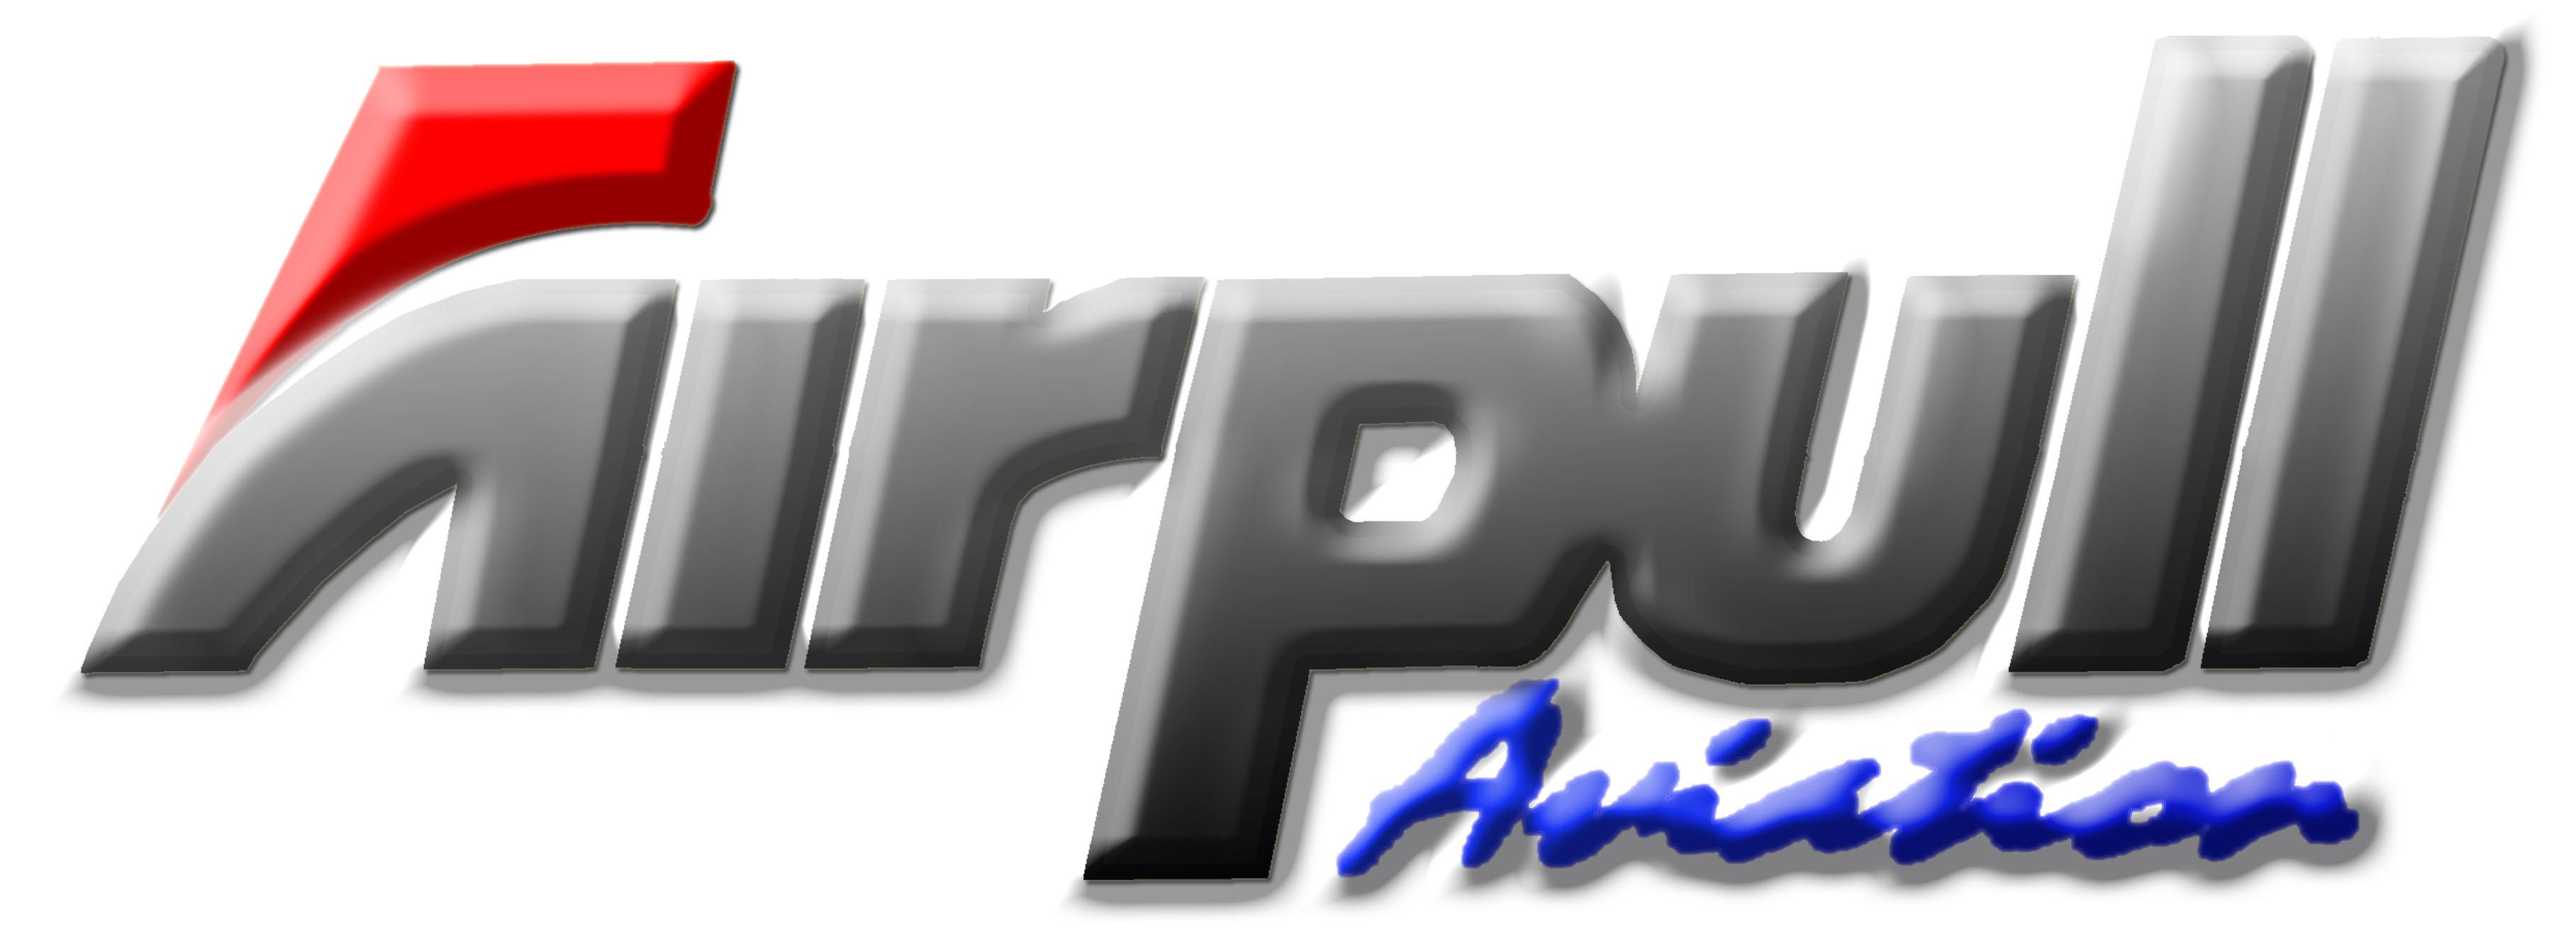 Airpull Aviation escuela de pilotos ppl atpl